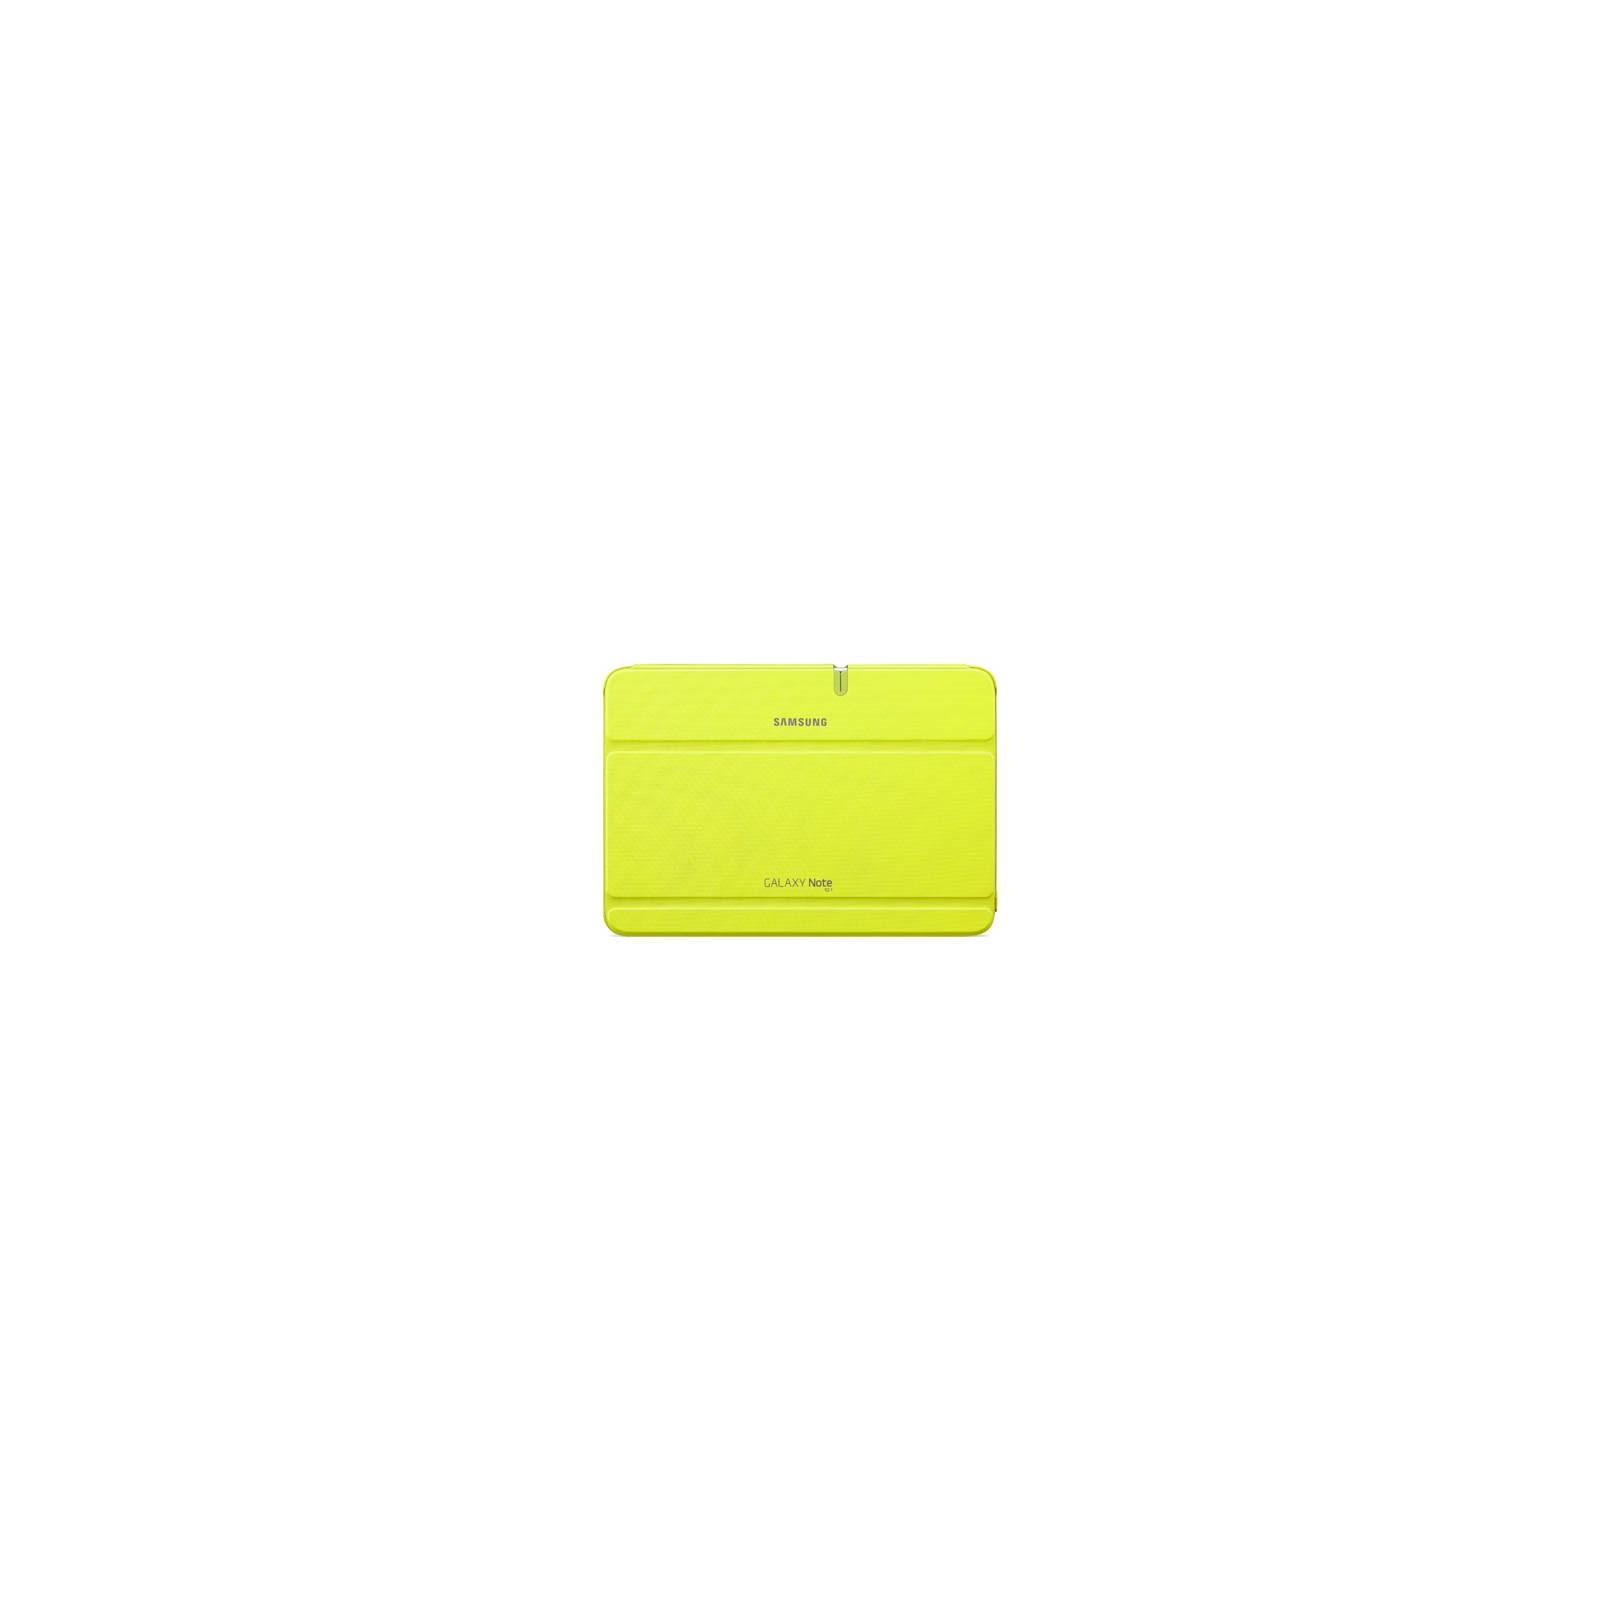 """Чехол для планшета Samsung N8000, 10.1"""" Lime Green (EFC-1G2NMECSTD)"""